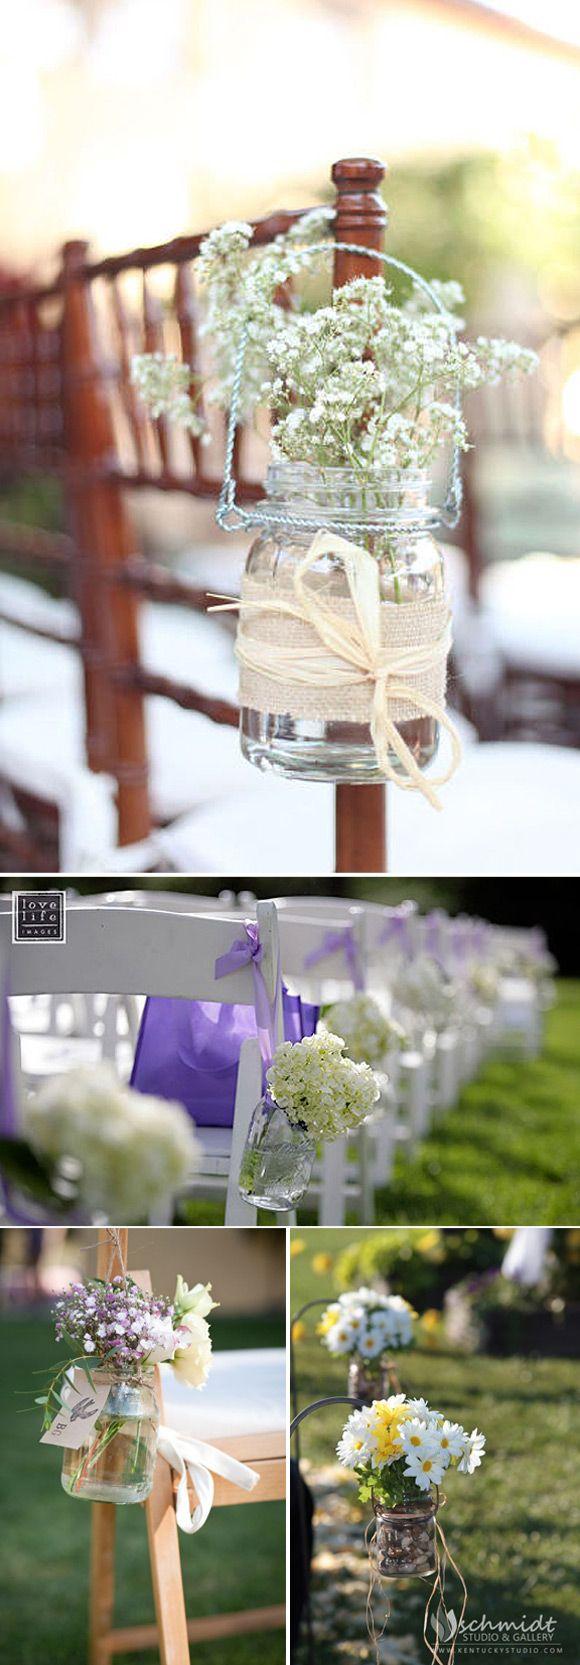 Ideas para decorar con botellas de cristal los pasillos de la ceremonia en tu boda